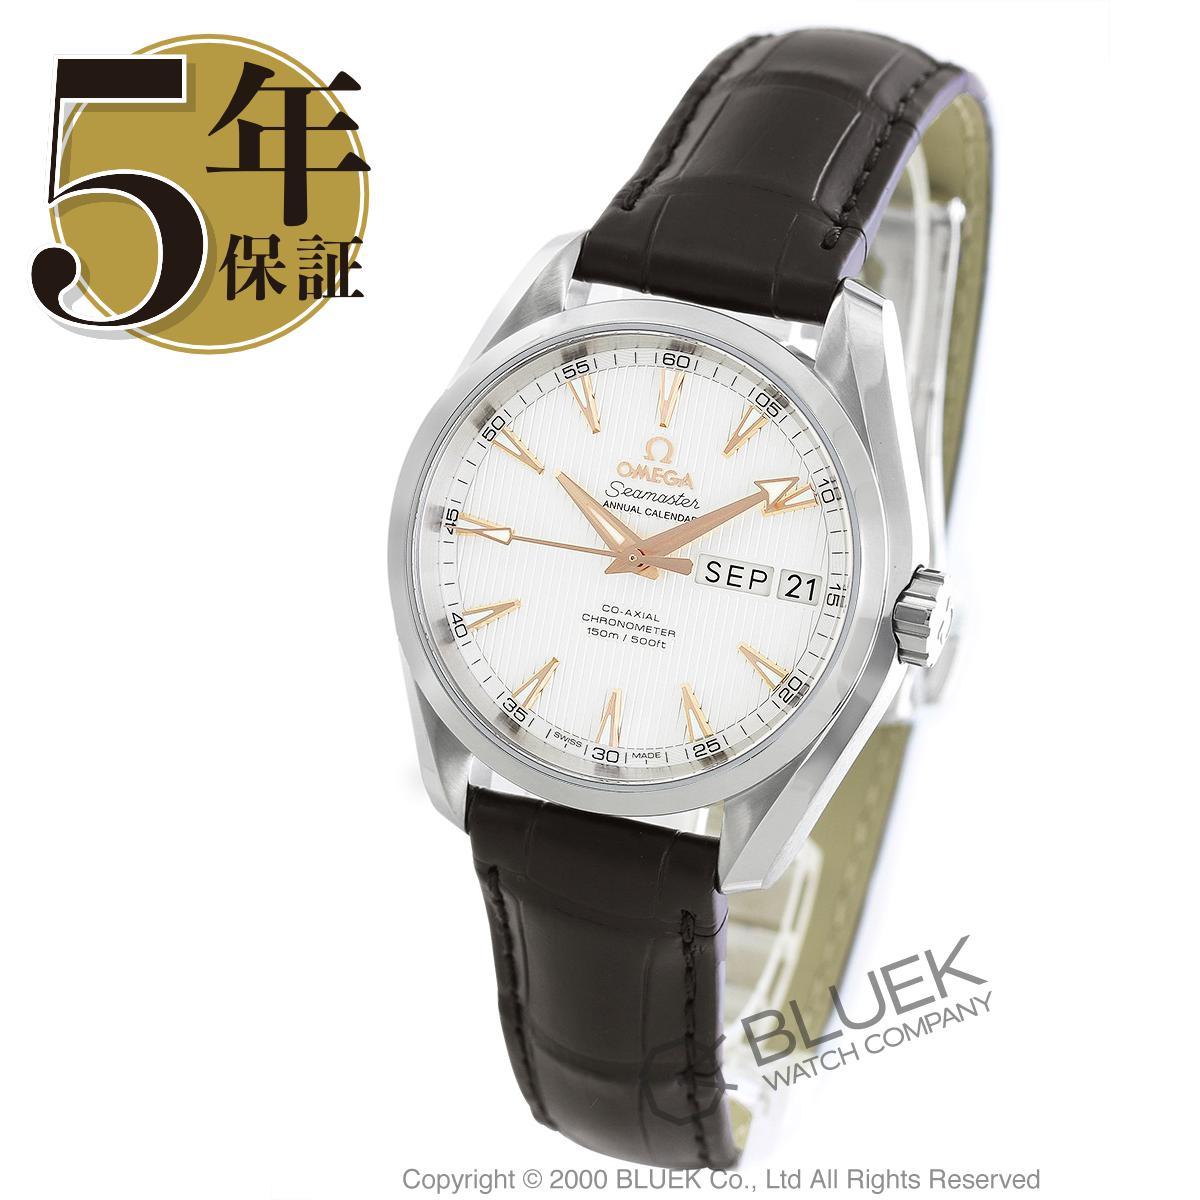 オメガ シーマスター アクアテラ アニュアルカレンダー アリゲーターレザー 腕時計 メンズ OMEGA 231.13.39.22.02.001_5